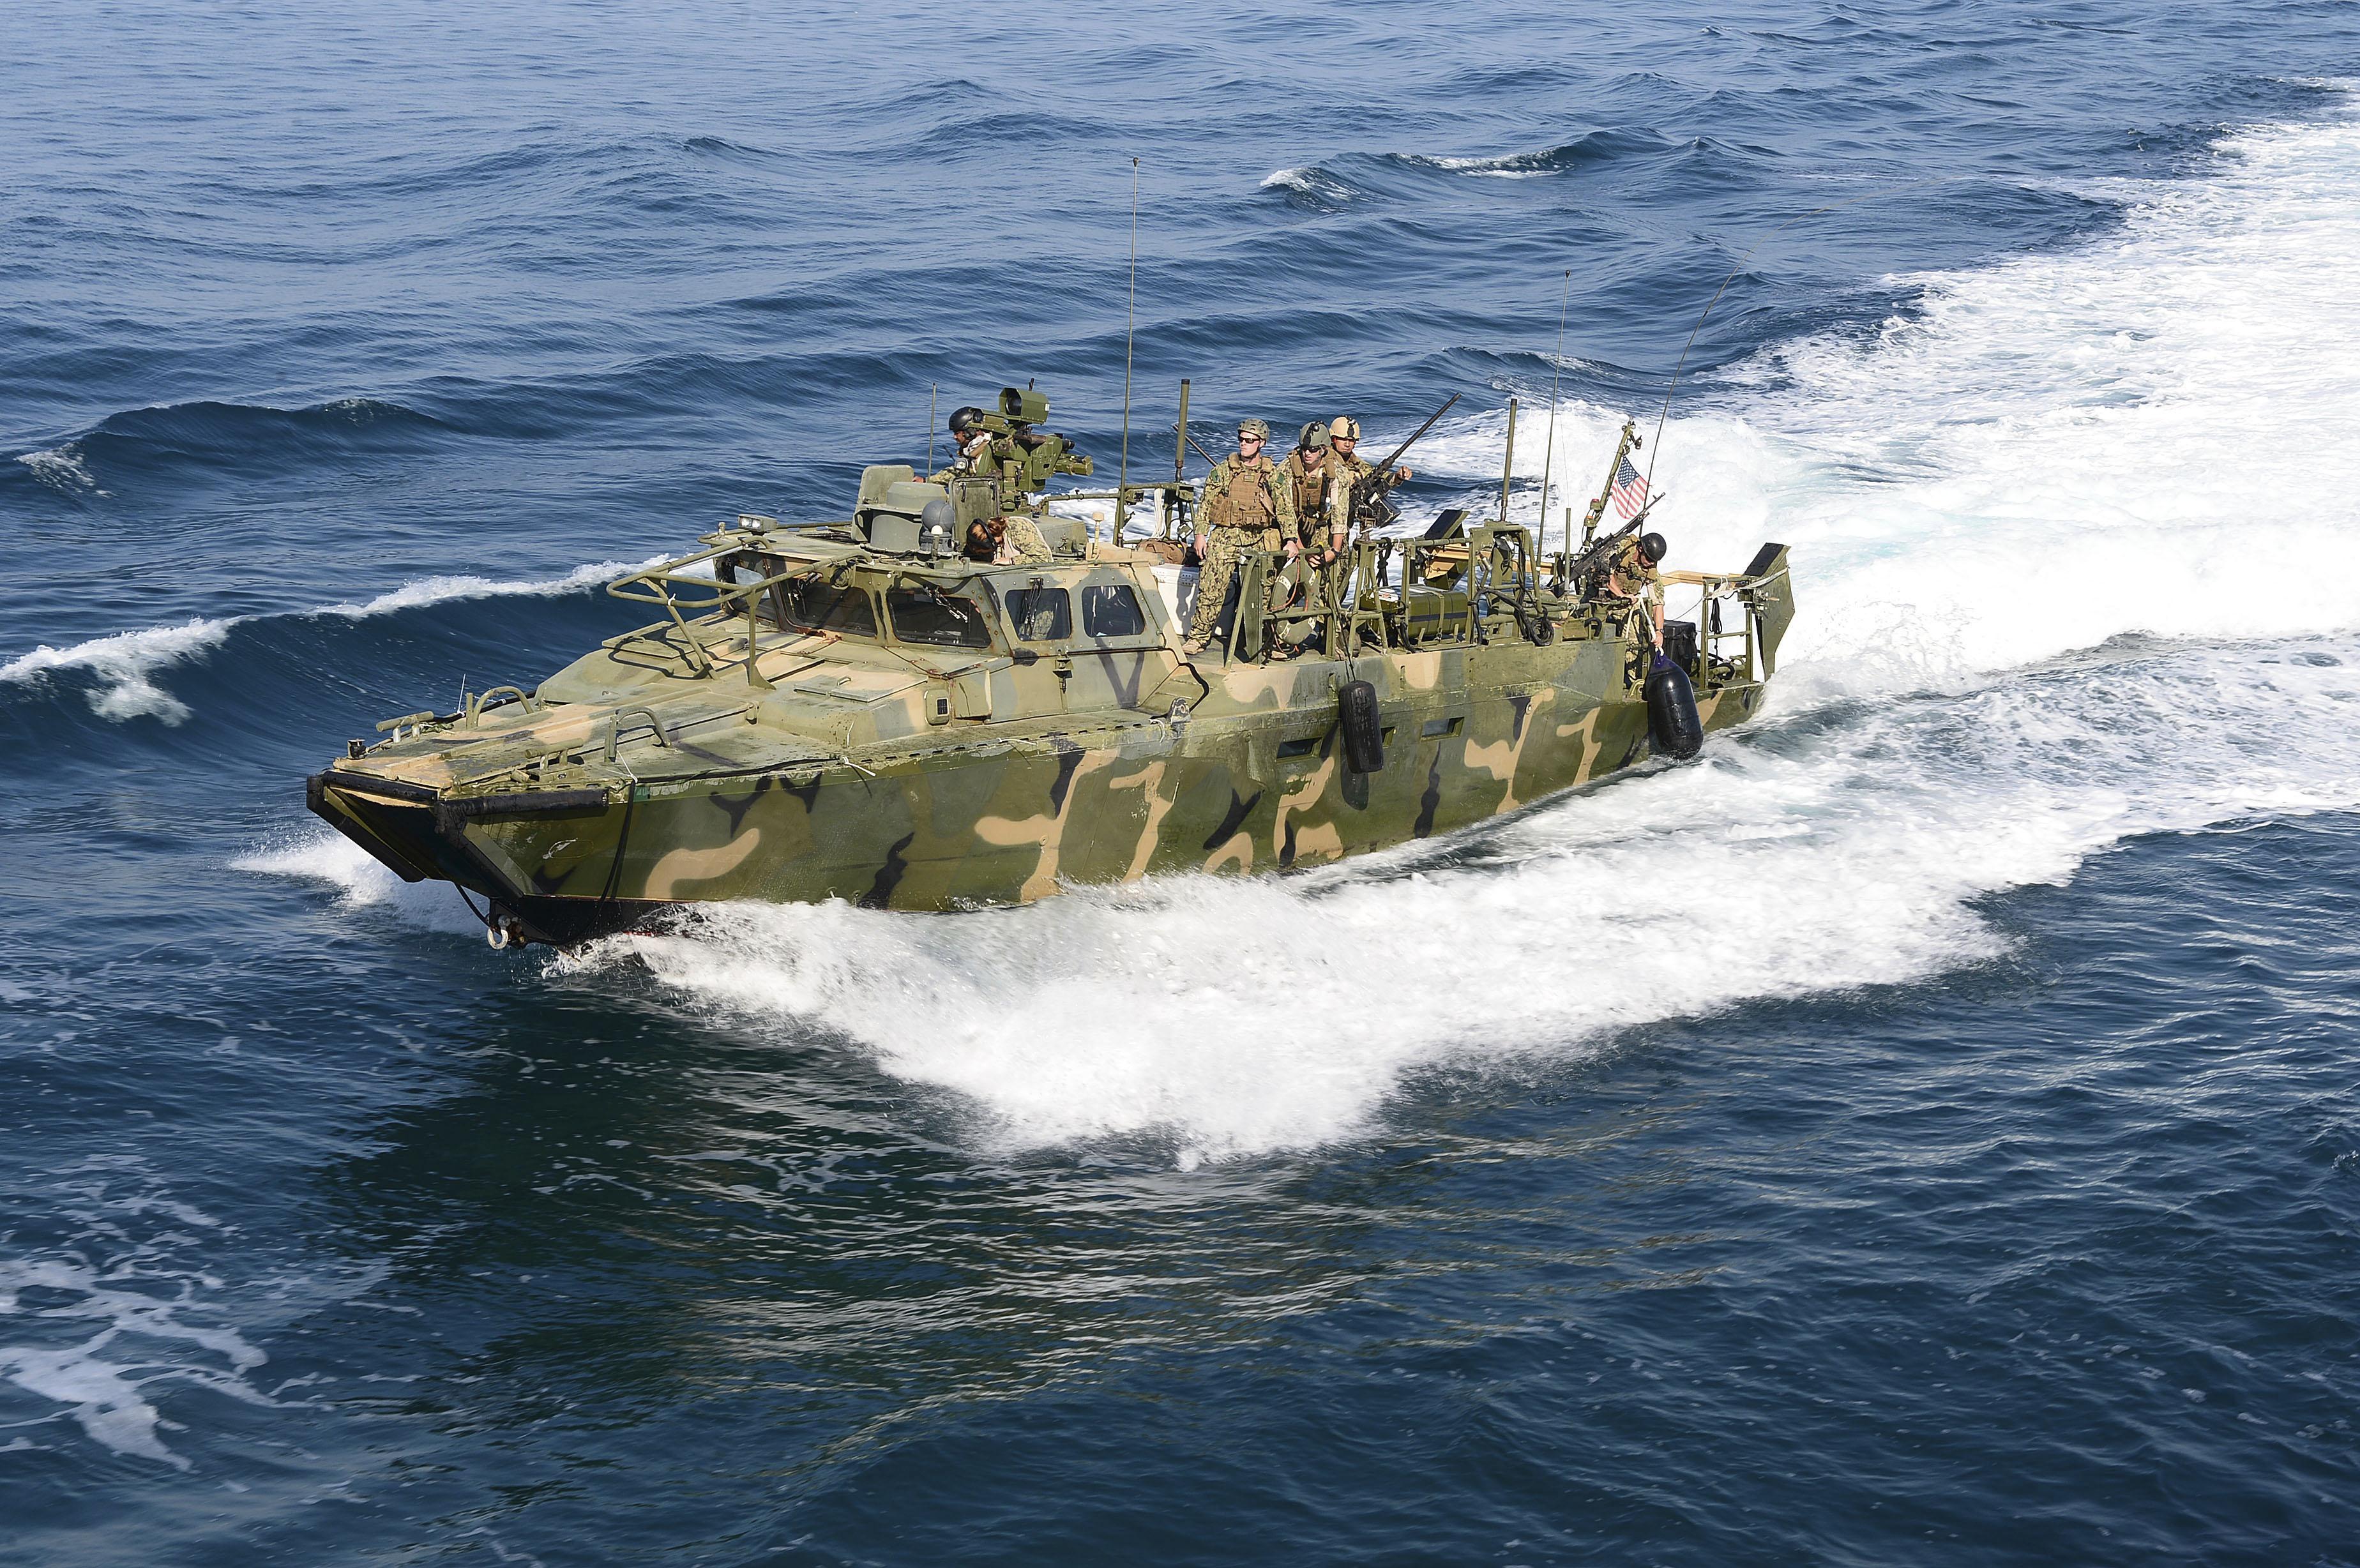 Un navío de los EEUU. Reuters